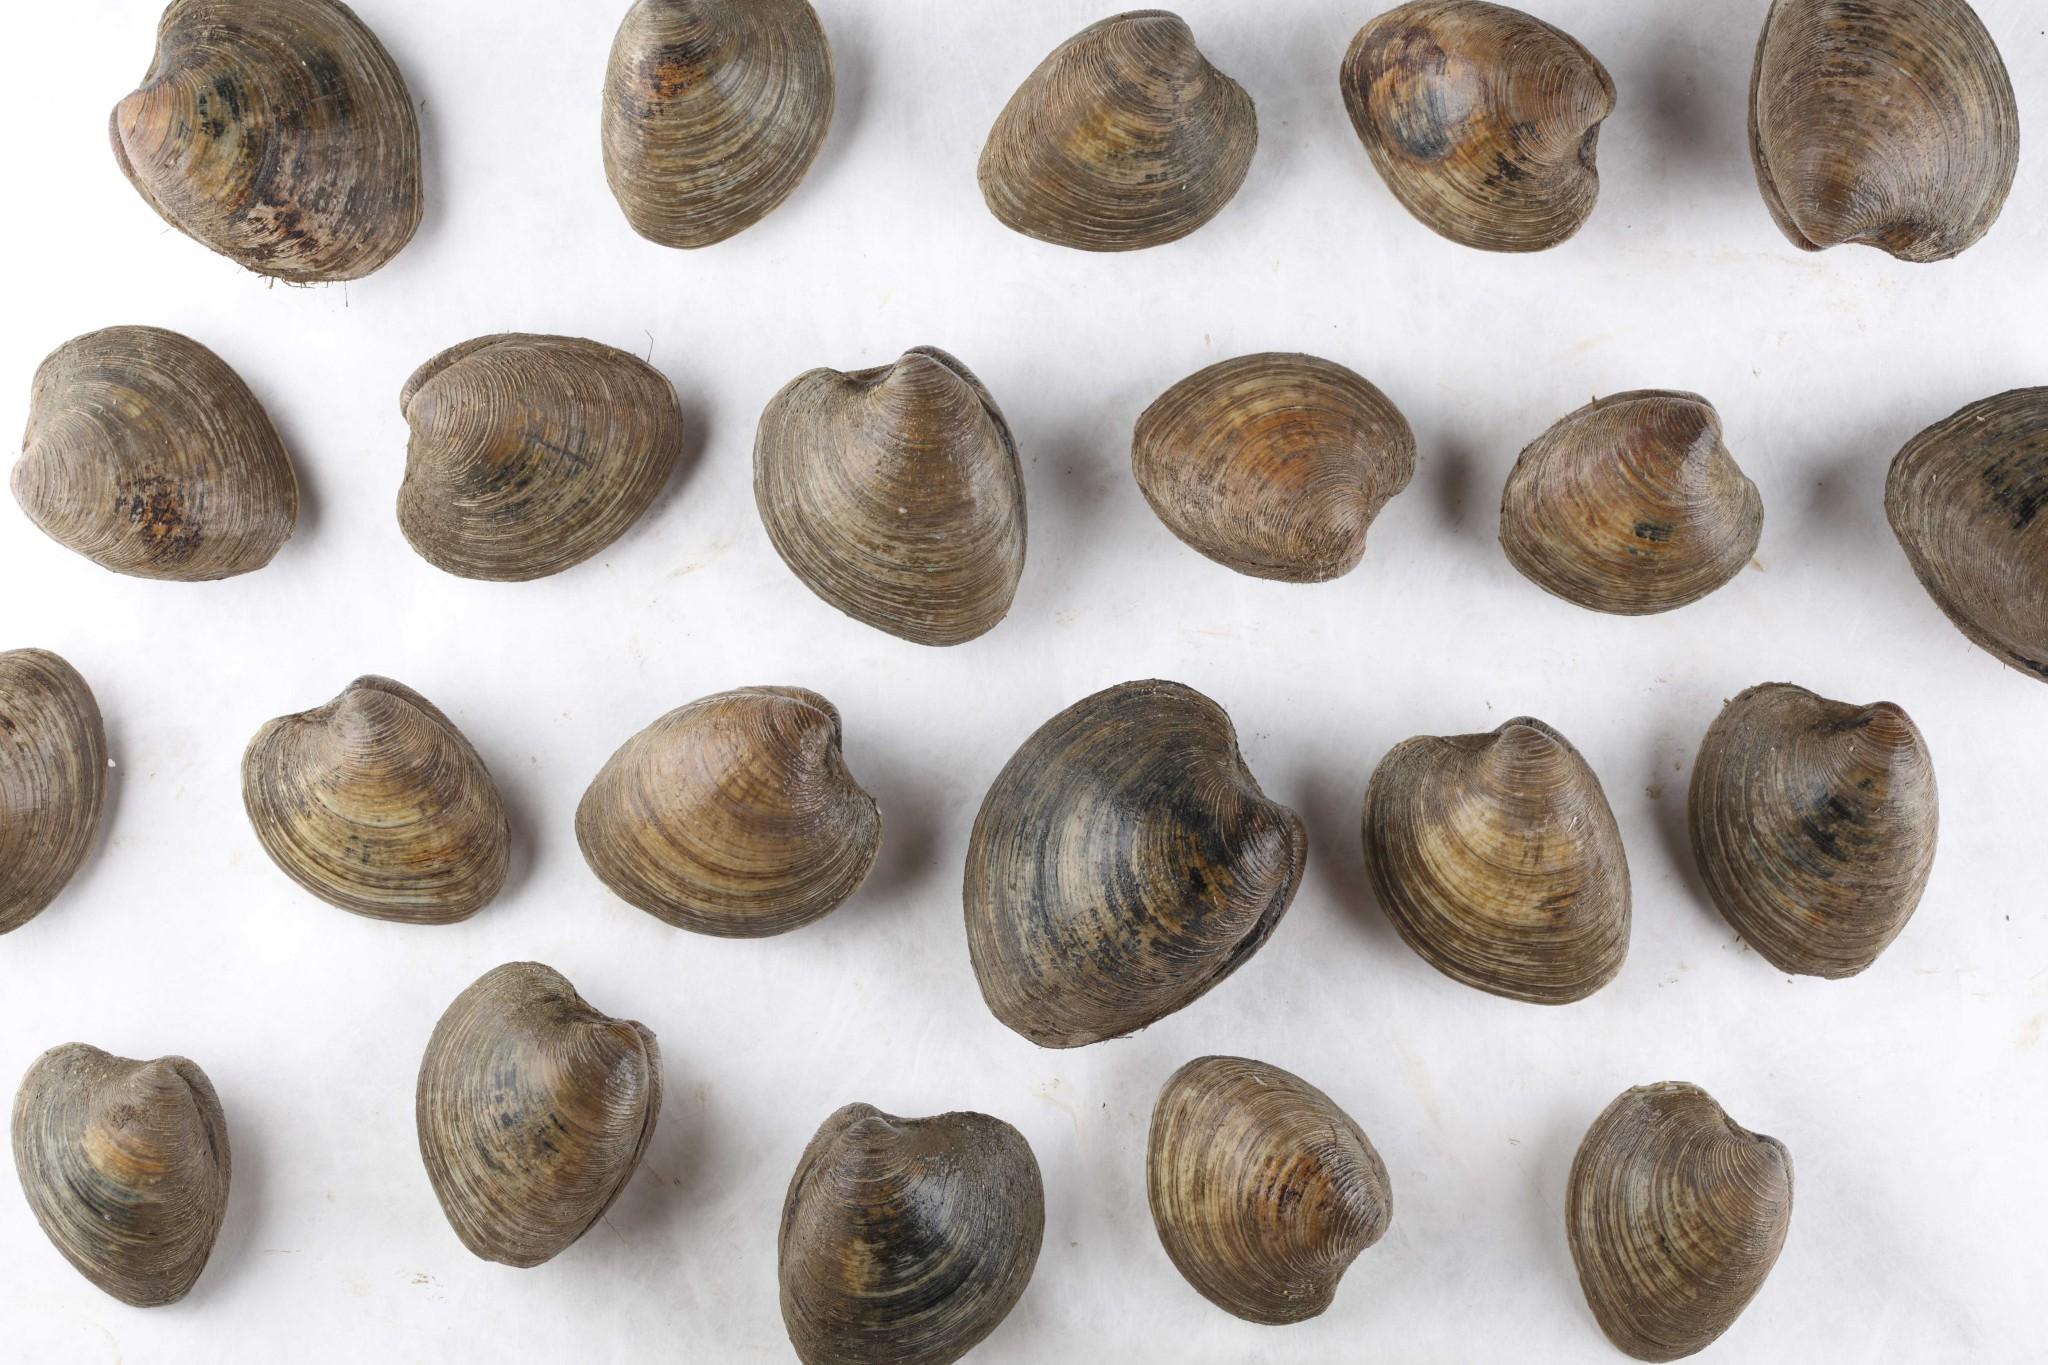 Seafoodpedia